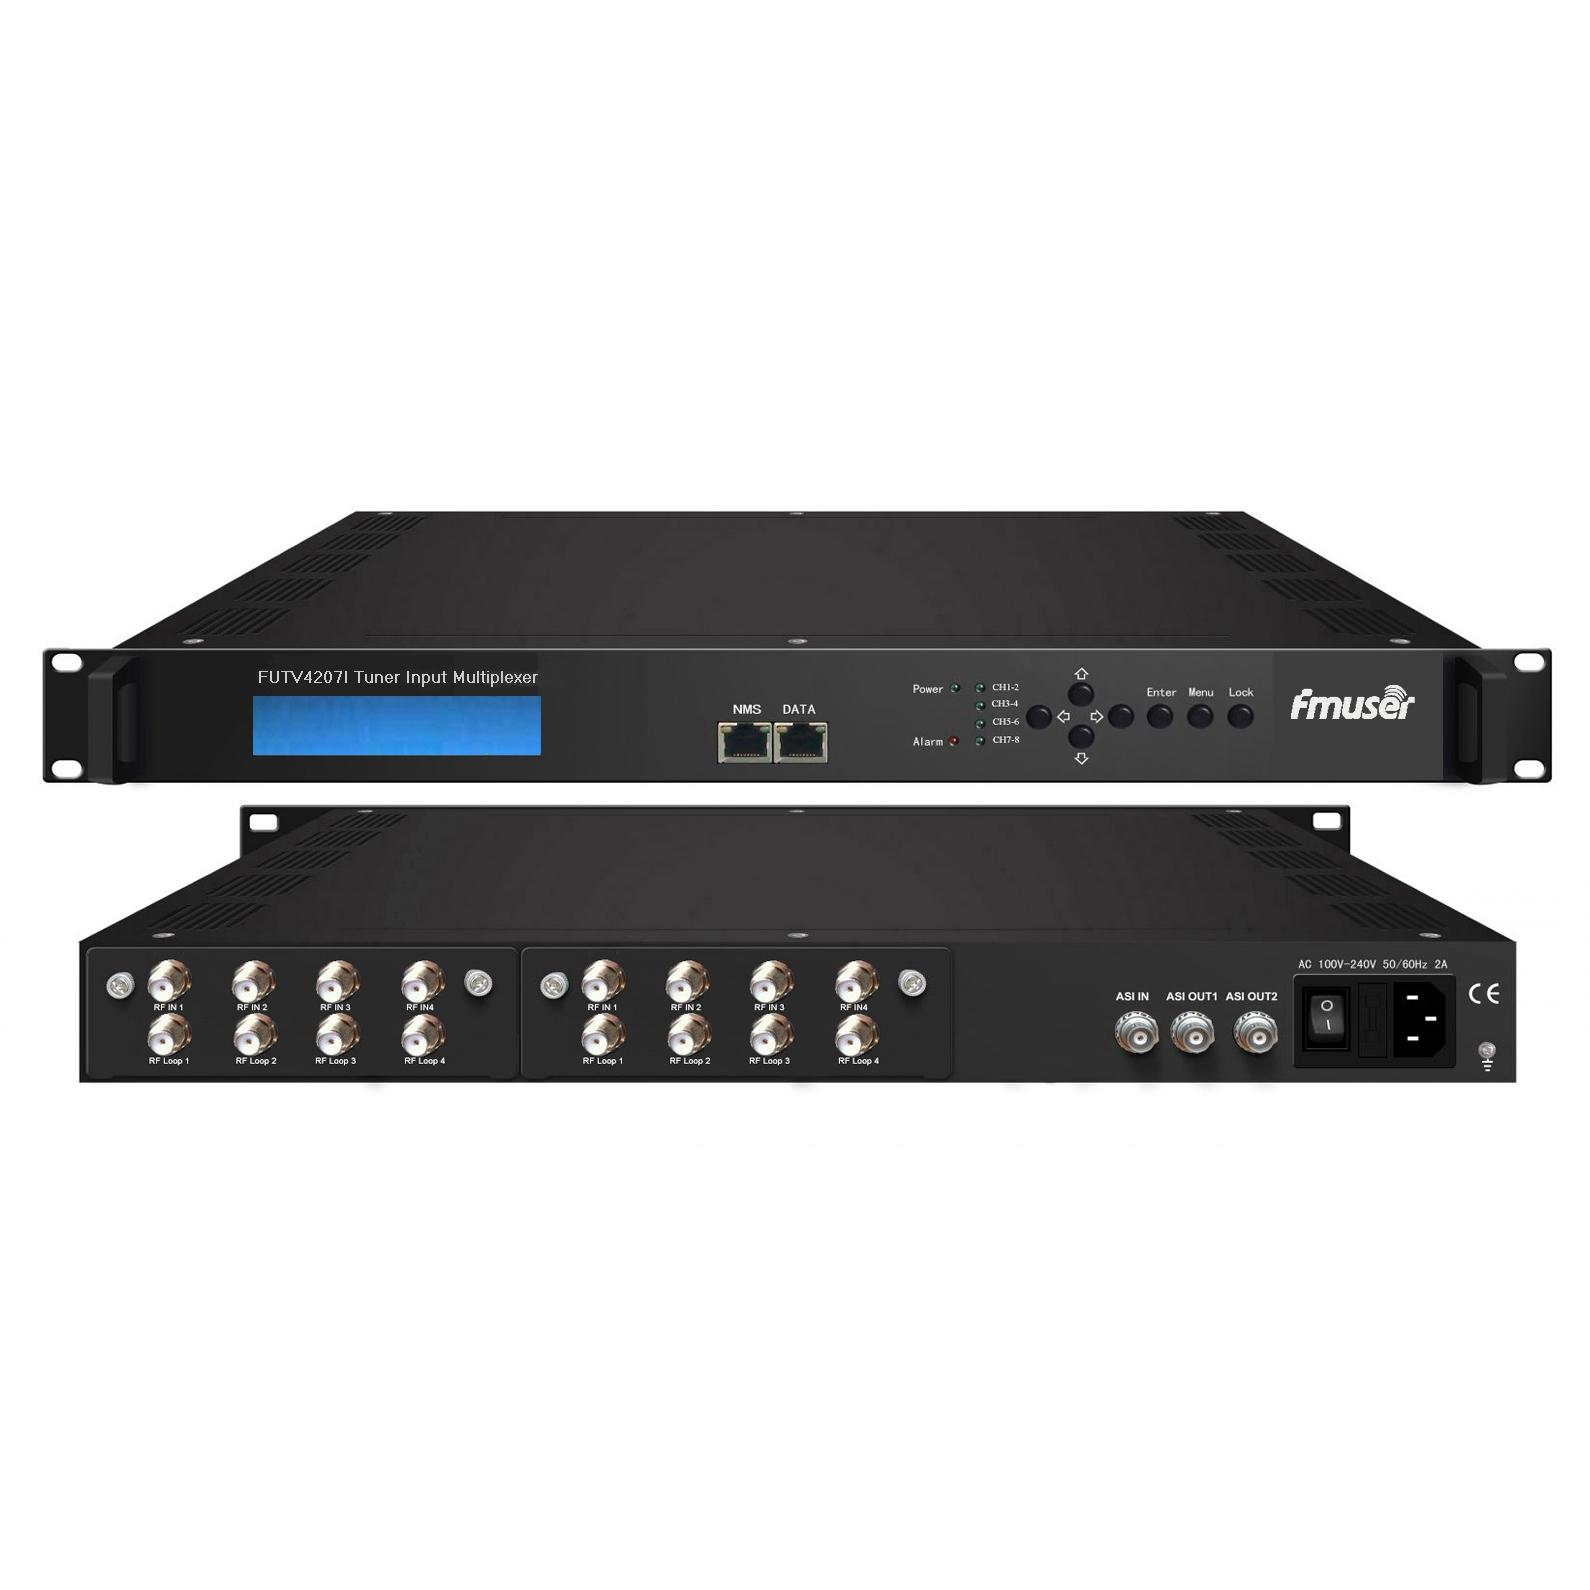 Sintonizador FMUSER FUTV4207I 8 IRD (entrada RF 8 DVB-S2 / T, entrada 1 ASI, entrada 2 ASI, saída IP 1 ASI XNUMX)